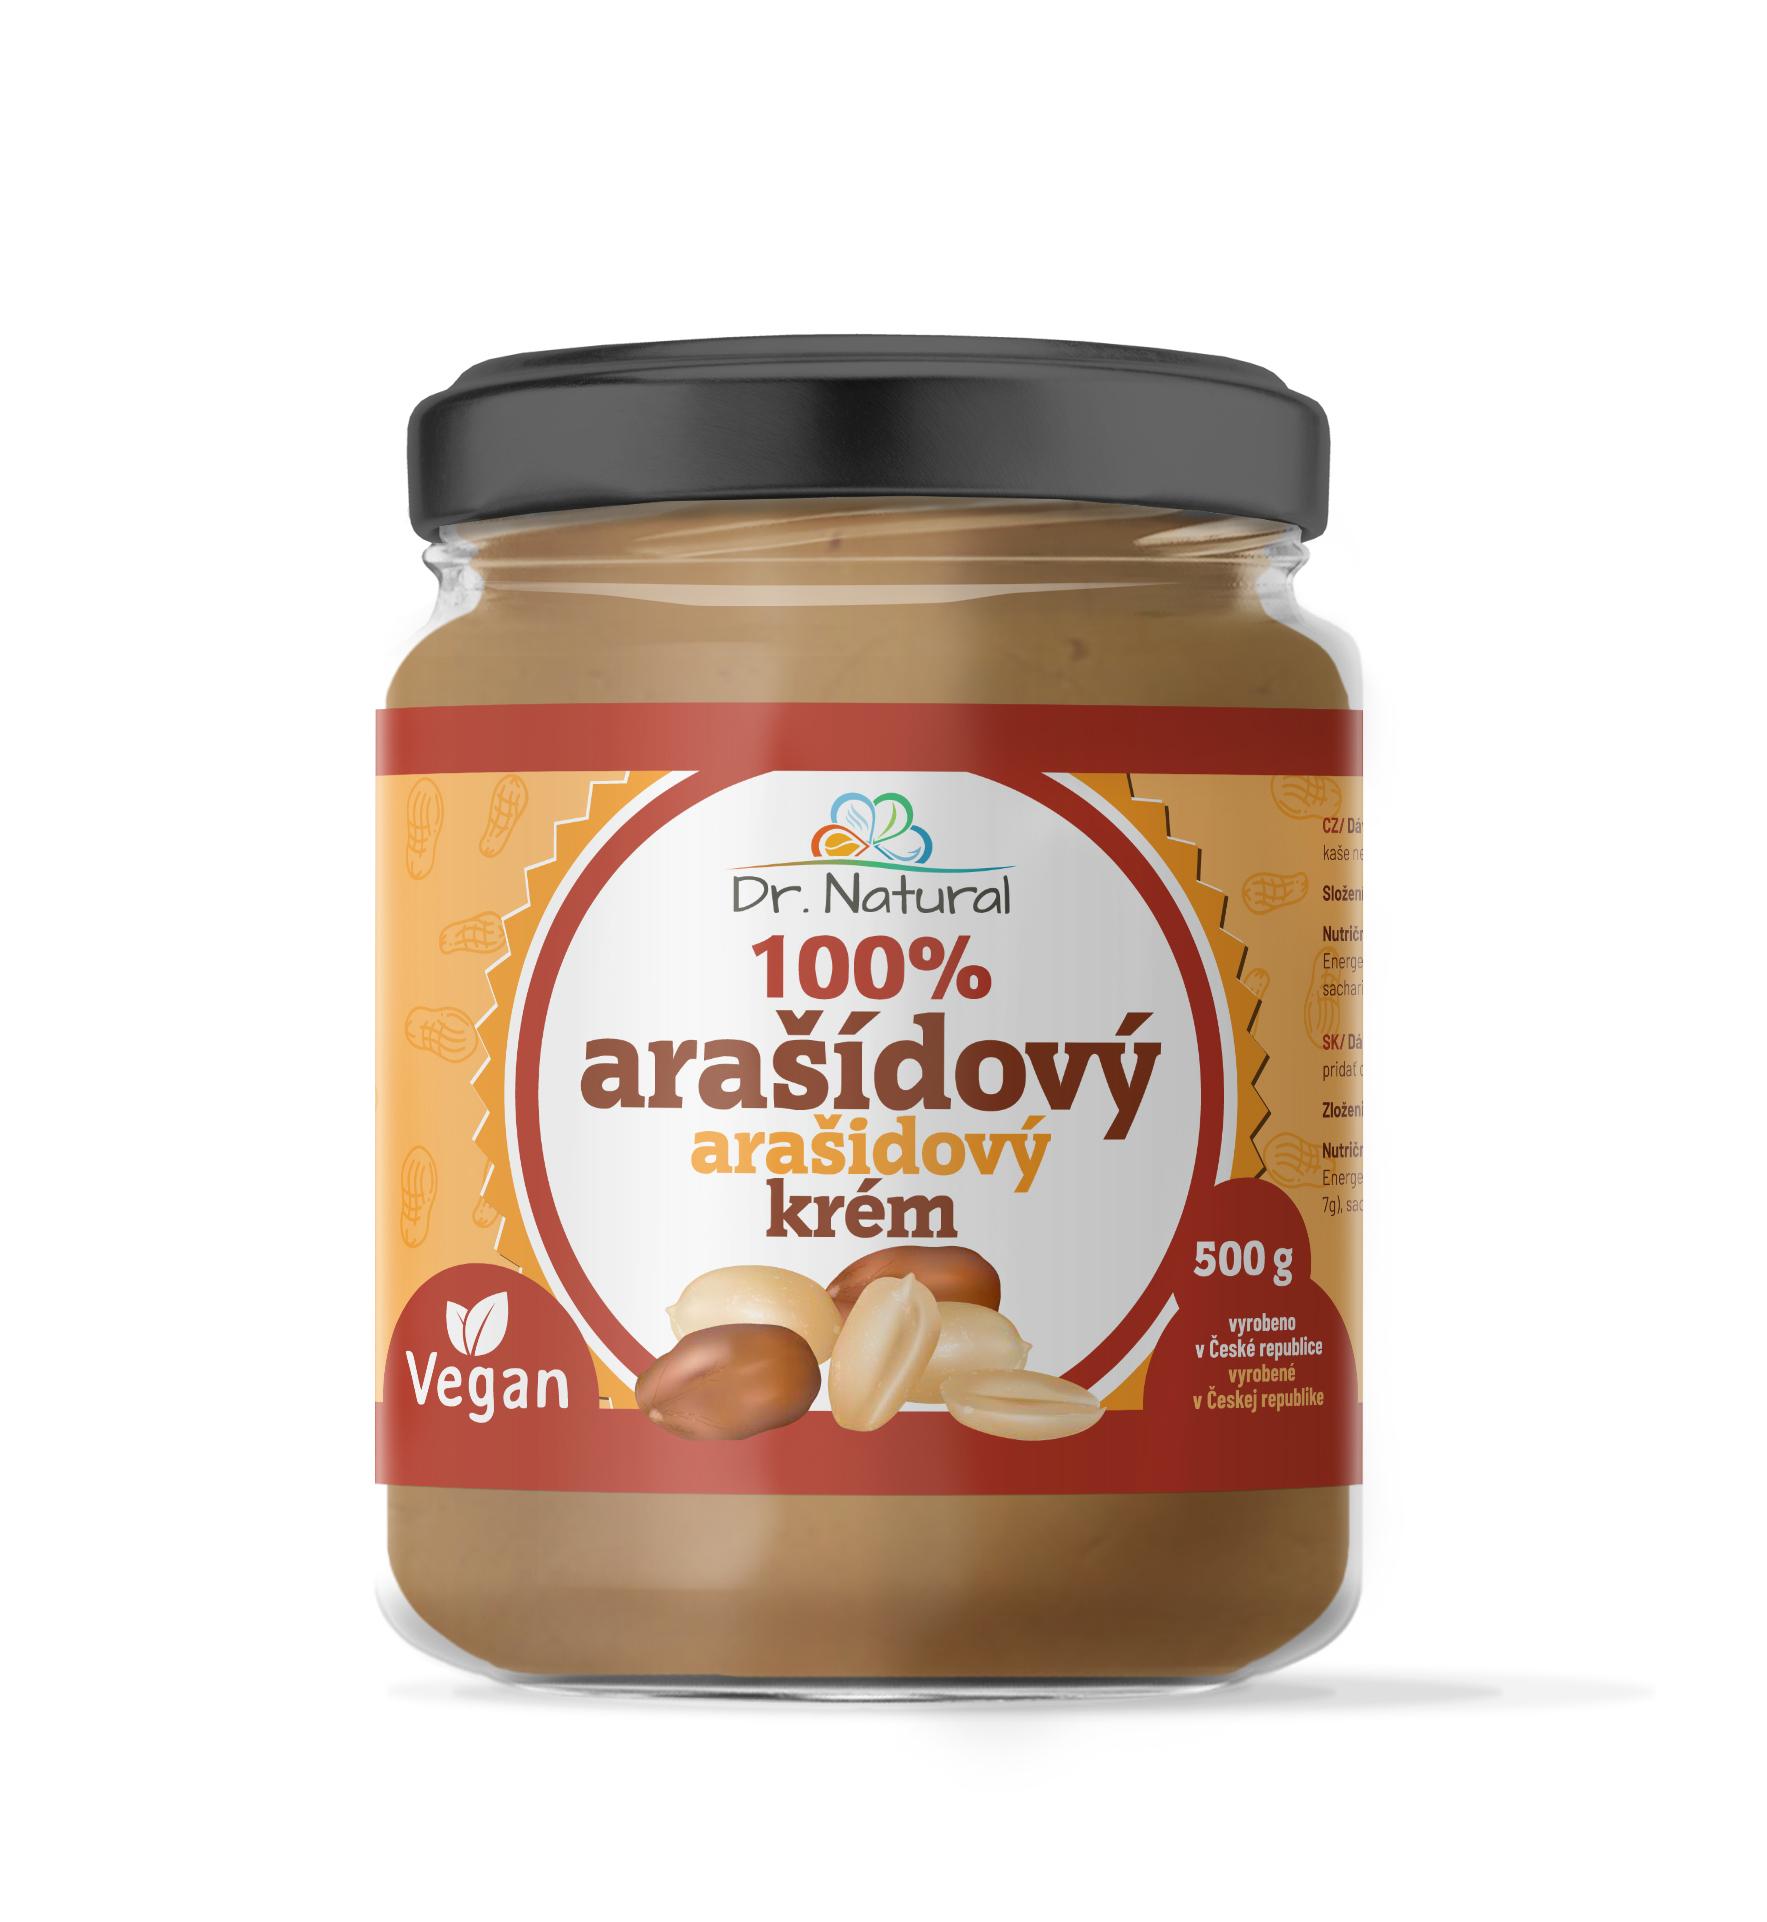 Dr.Natural Arašídový krém jemný 500g 100%